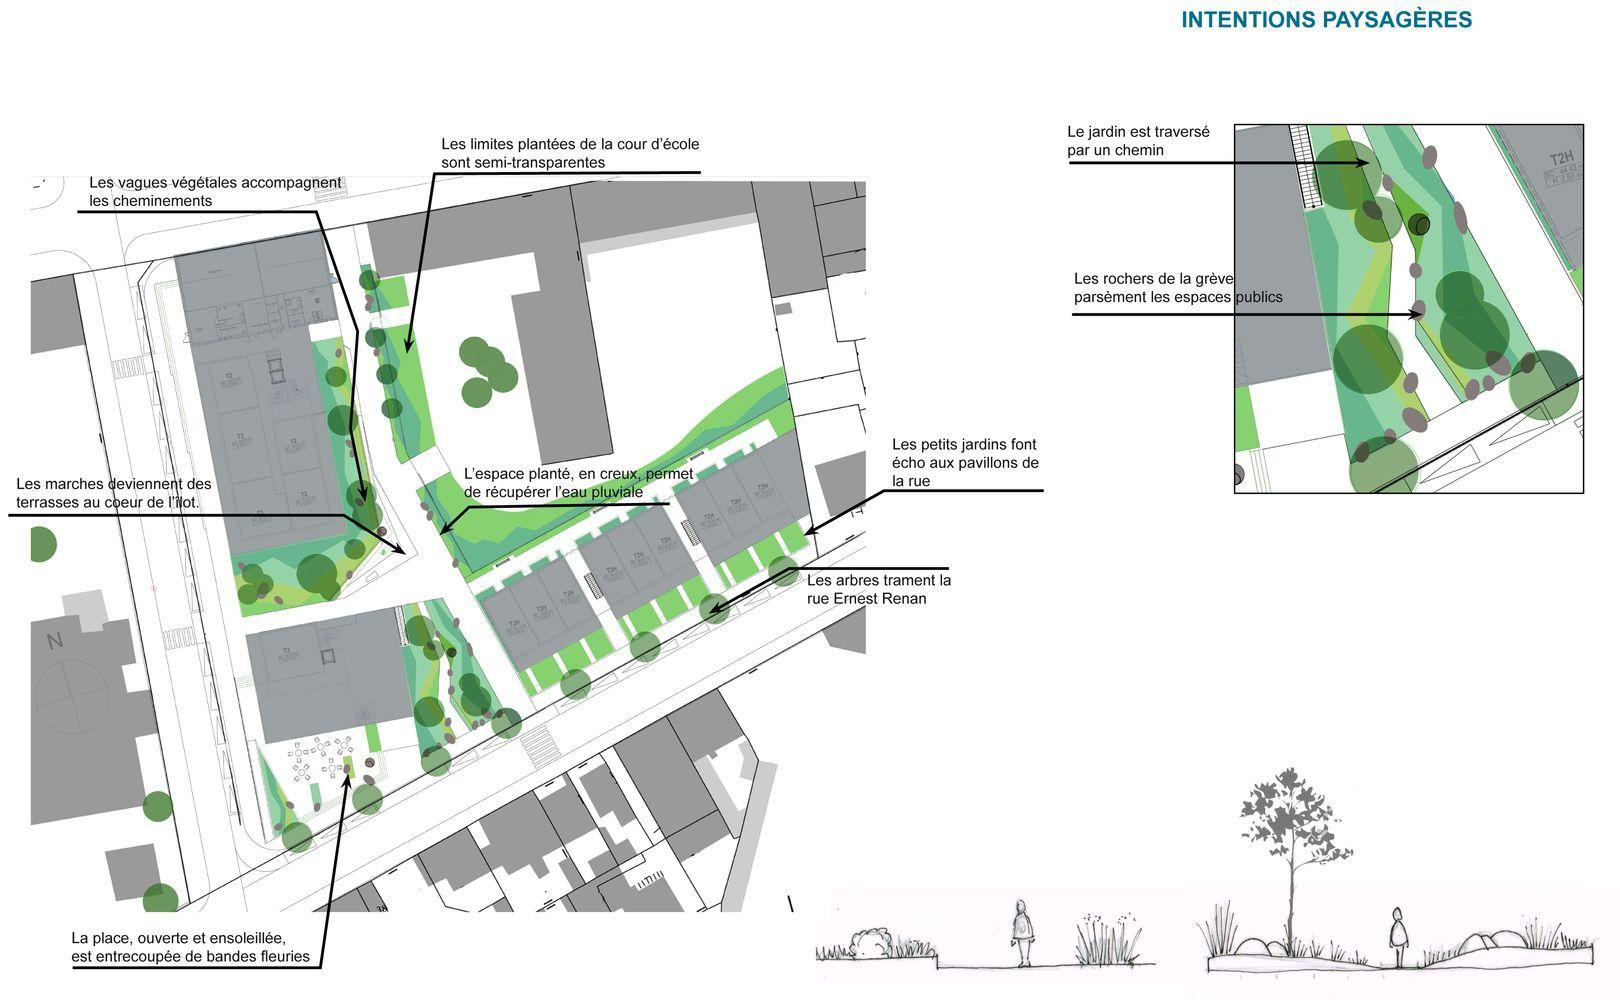 SUNDECK Saint-Malo Intentions paysagères Notice PC Atelier INEX